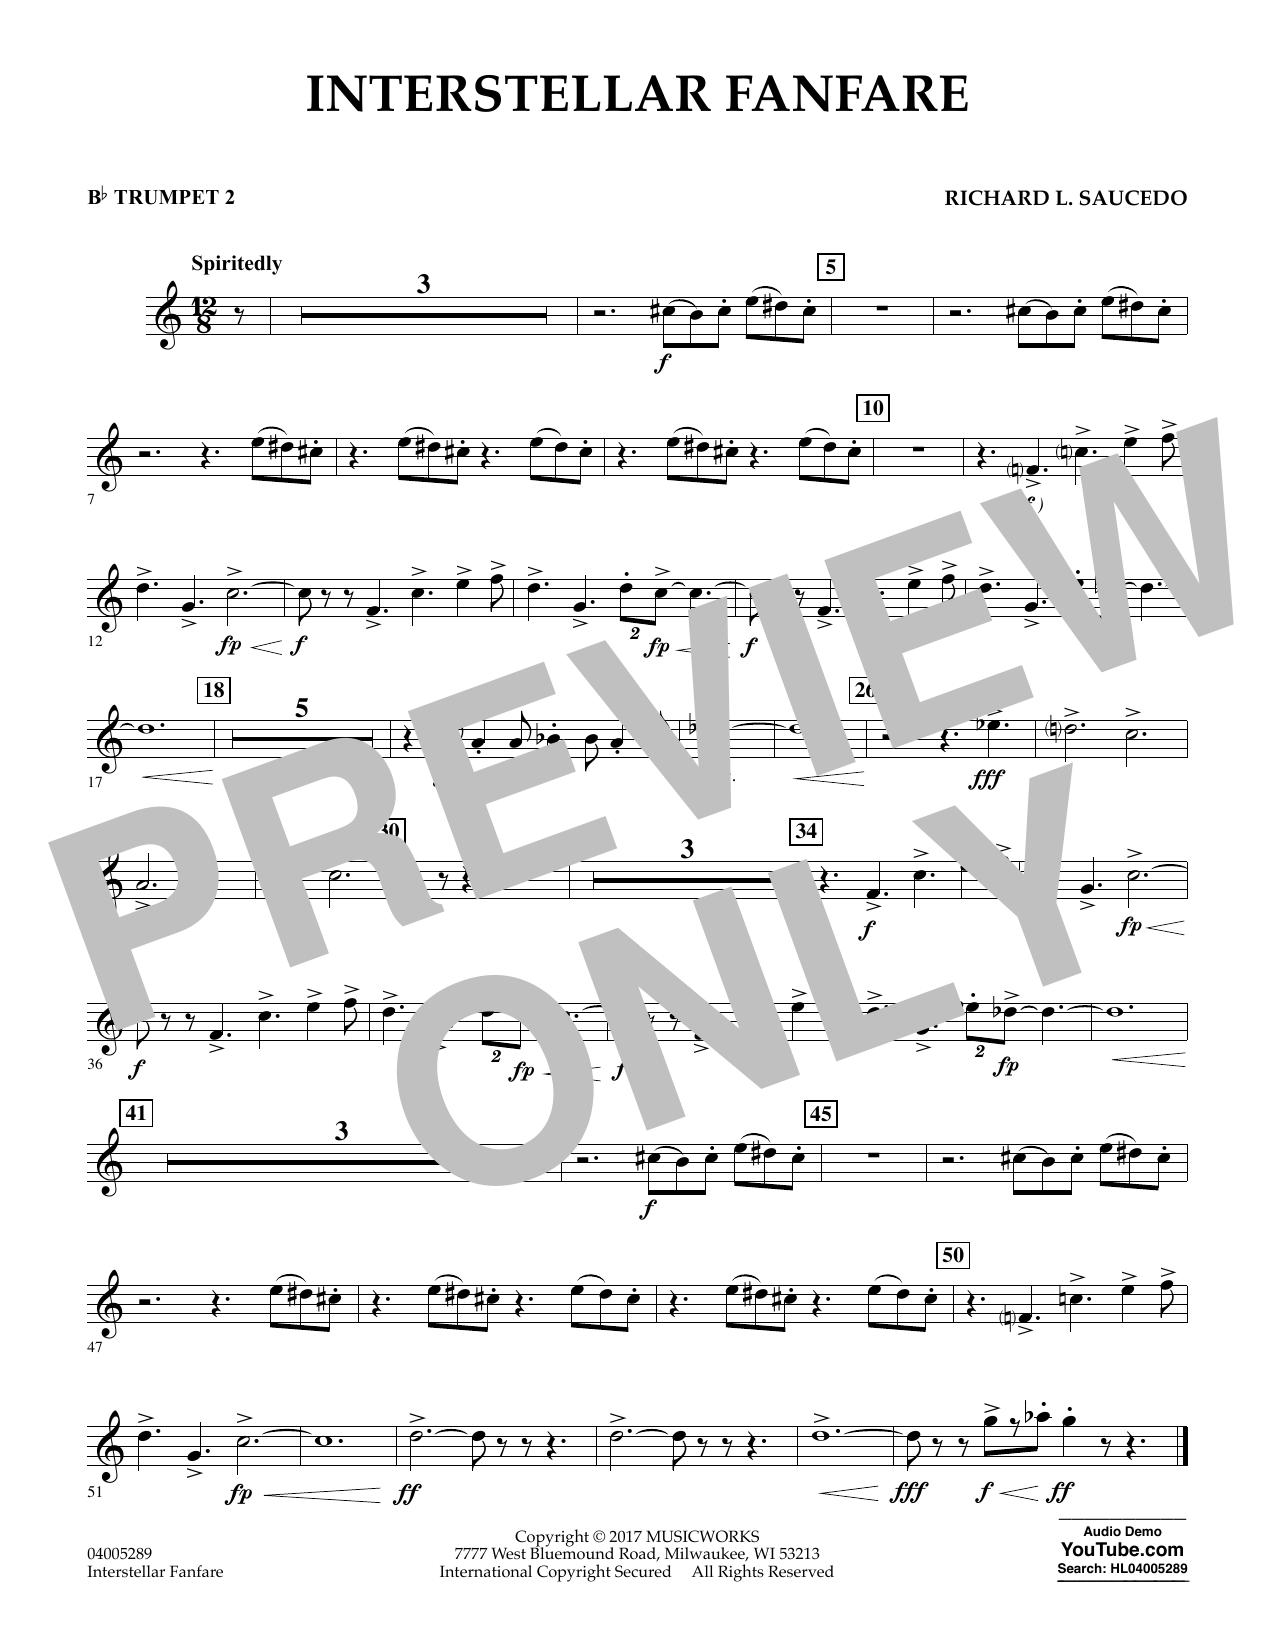 Richard L. Saucedo Interstellar Fanfare - Bb Trumpet 2 sheet music notes printable PDF score